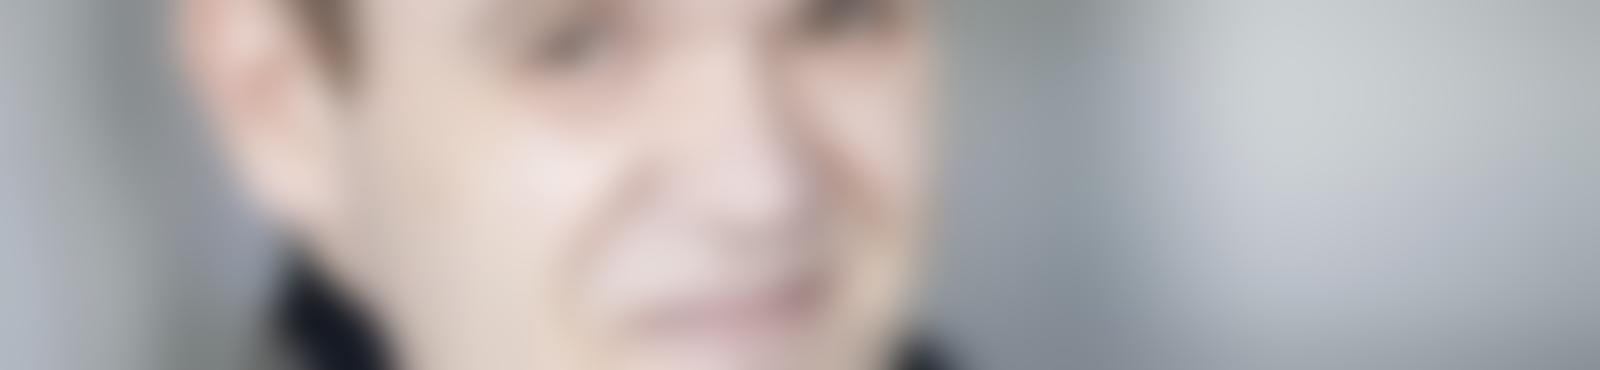 Blurred 29db8171 b274 46a3 bb0a 6ecab5767391